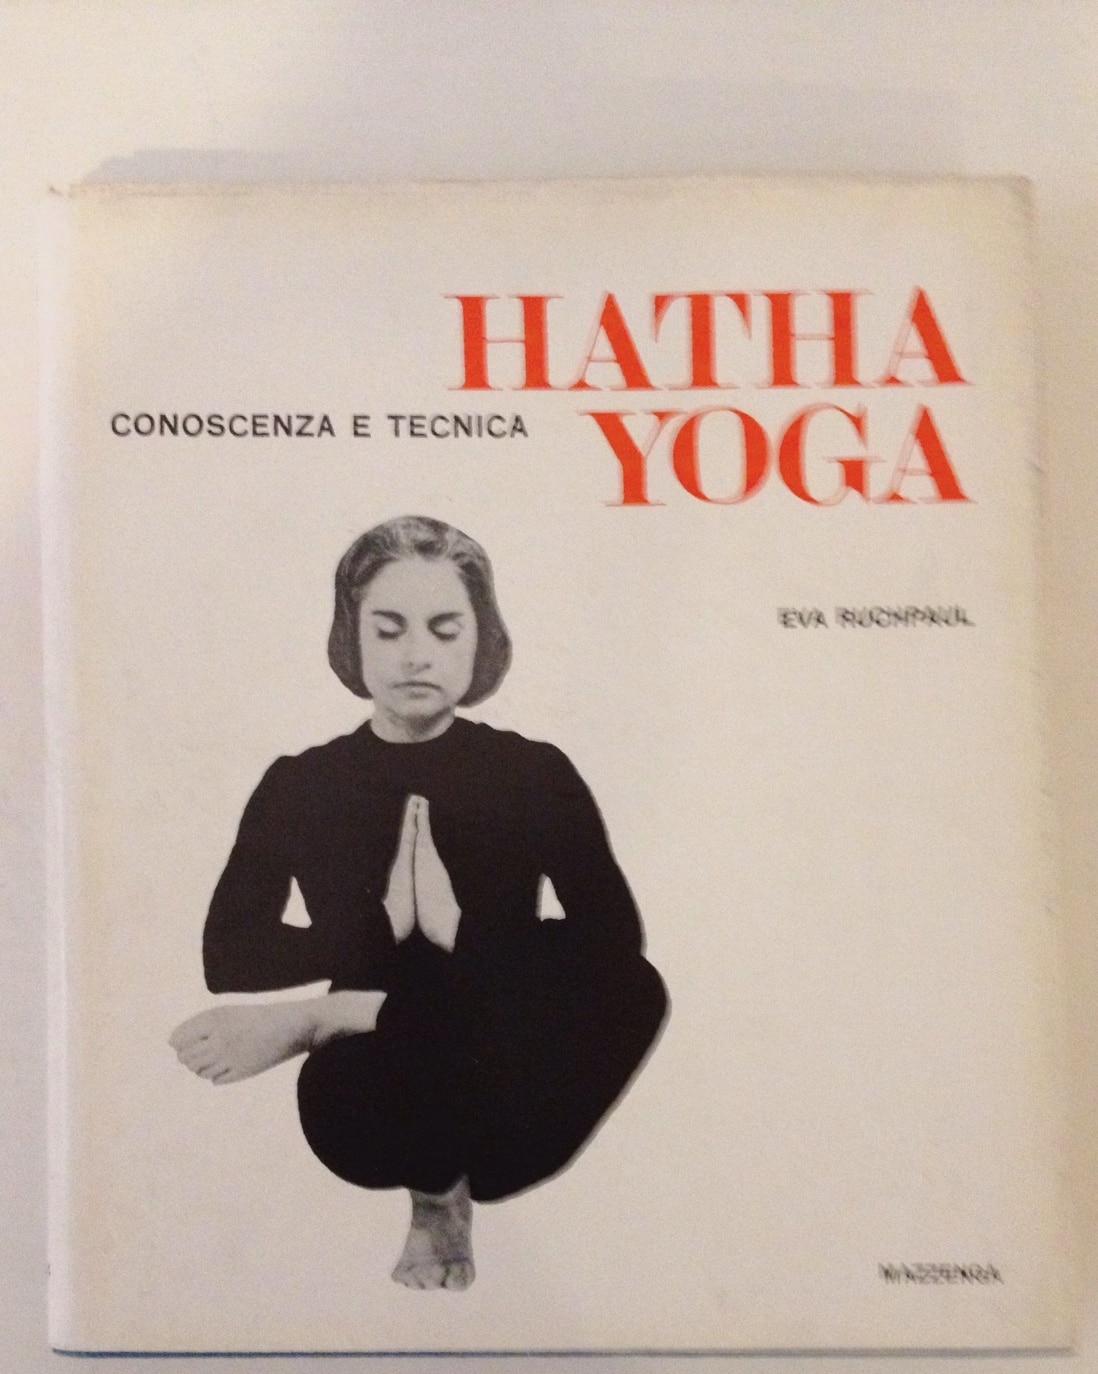 Hatha Yoga Conoscenza E Tecnica